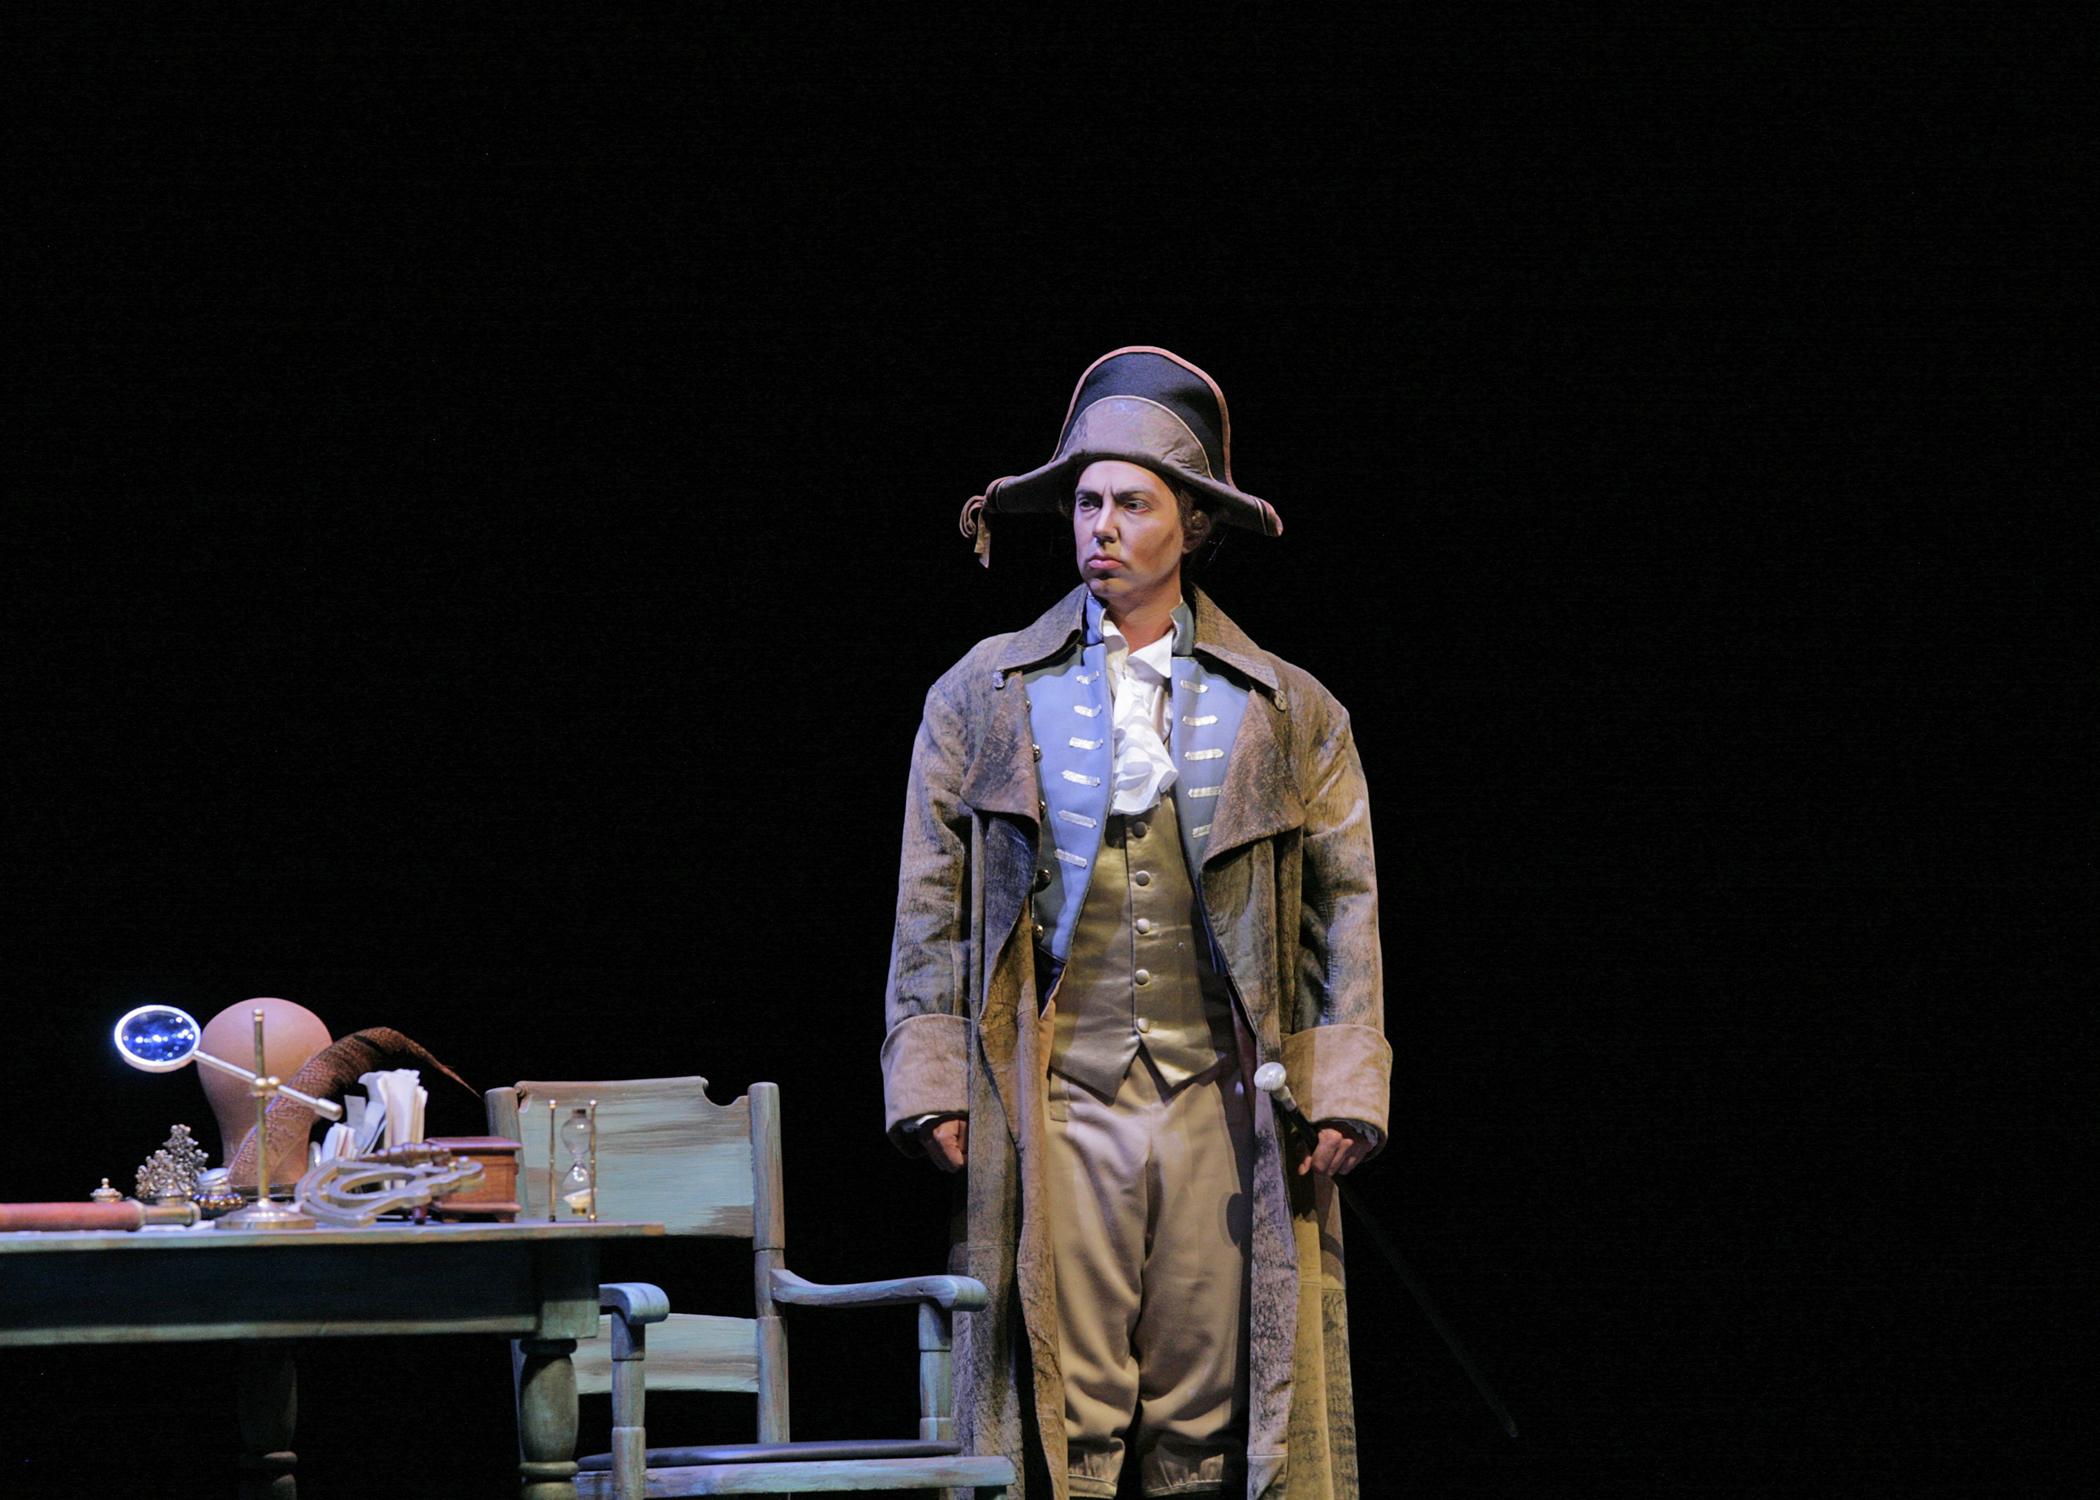 David Salsbery Fry as John Claggart in Britten's  Billy Budd  for The Santa Fe Opera Apprentice Showcase Scenes. Photo © Ken Howard.